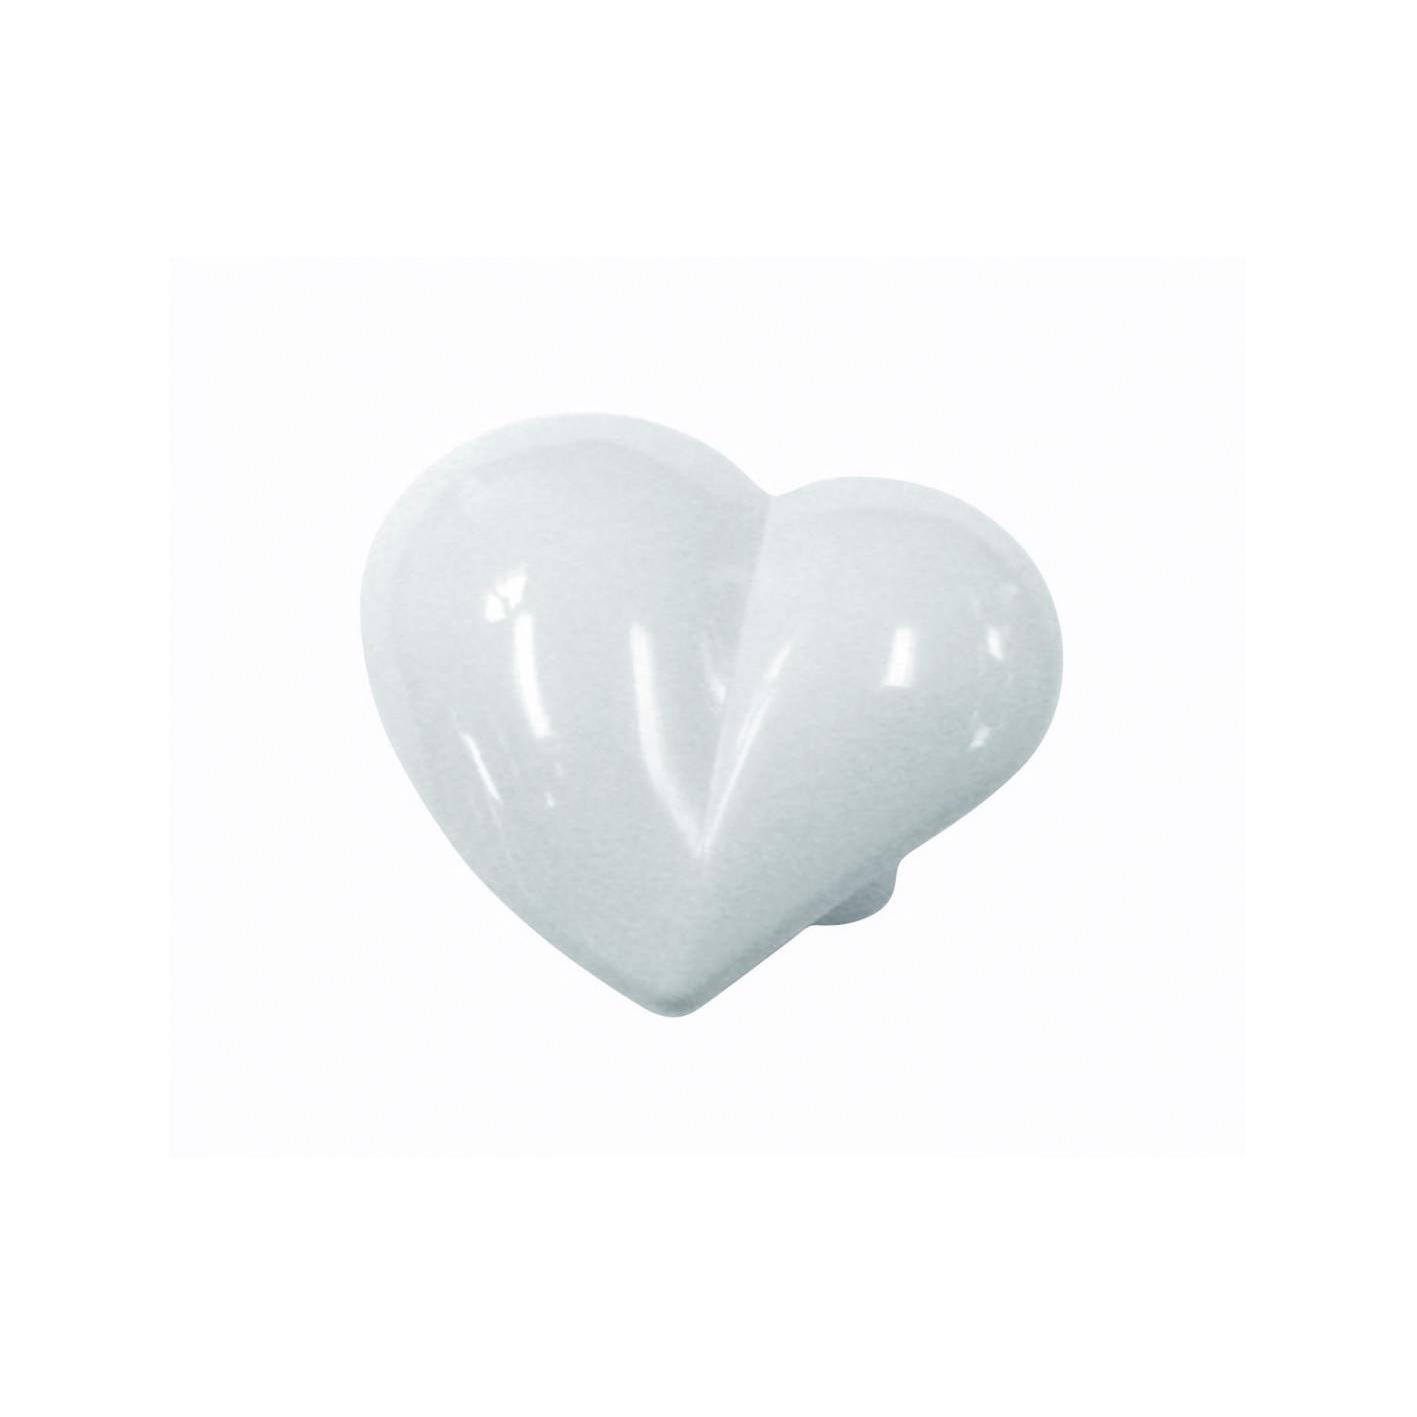 Nickelfri knopp Hjärta Vitmålad plast